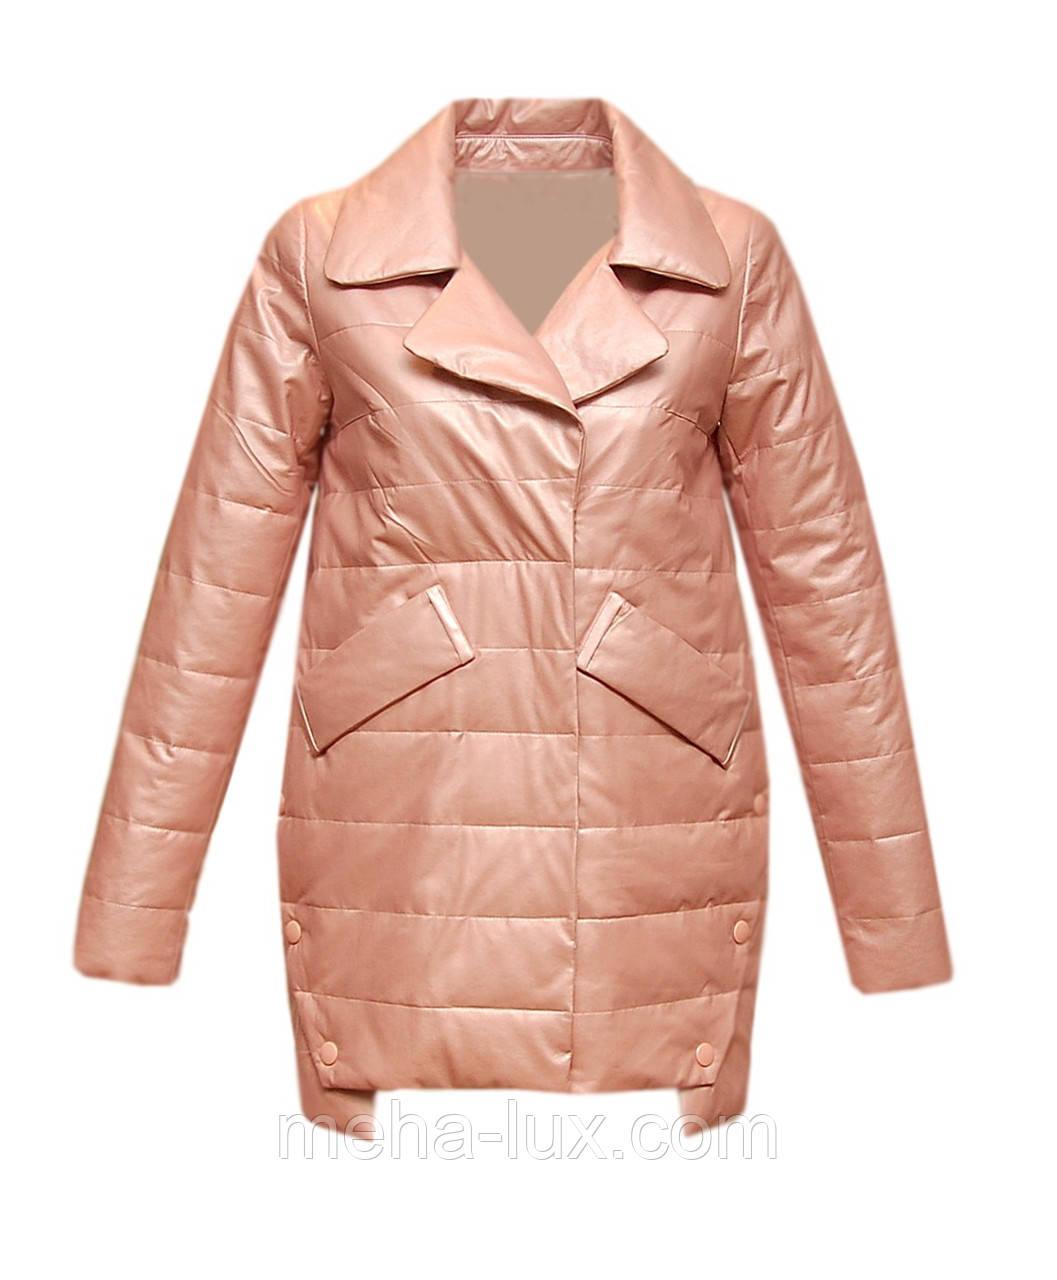 Куртка Zilanliya экокожа демисезонная удлиненная кокон розовая